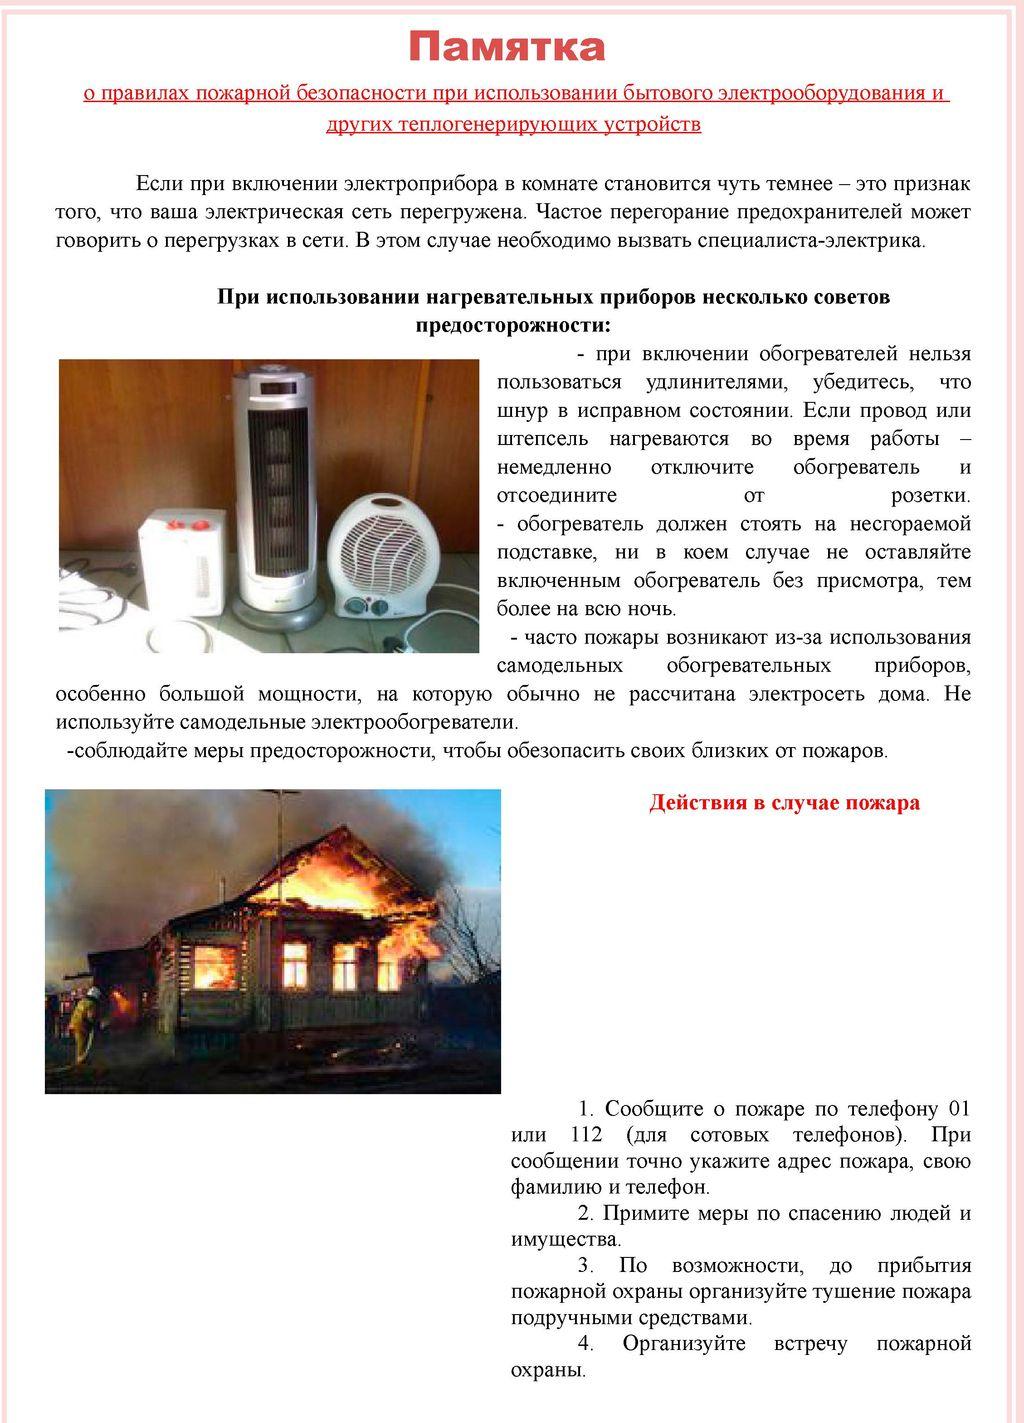 Монтаж, эксплуатация и ремонт сельскохозяйственного электрооборудования - эксплуатация электронагревательных установок